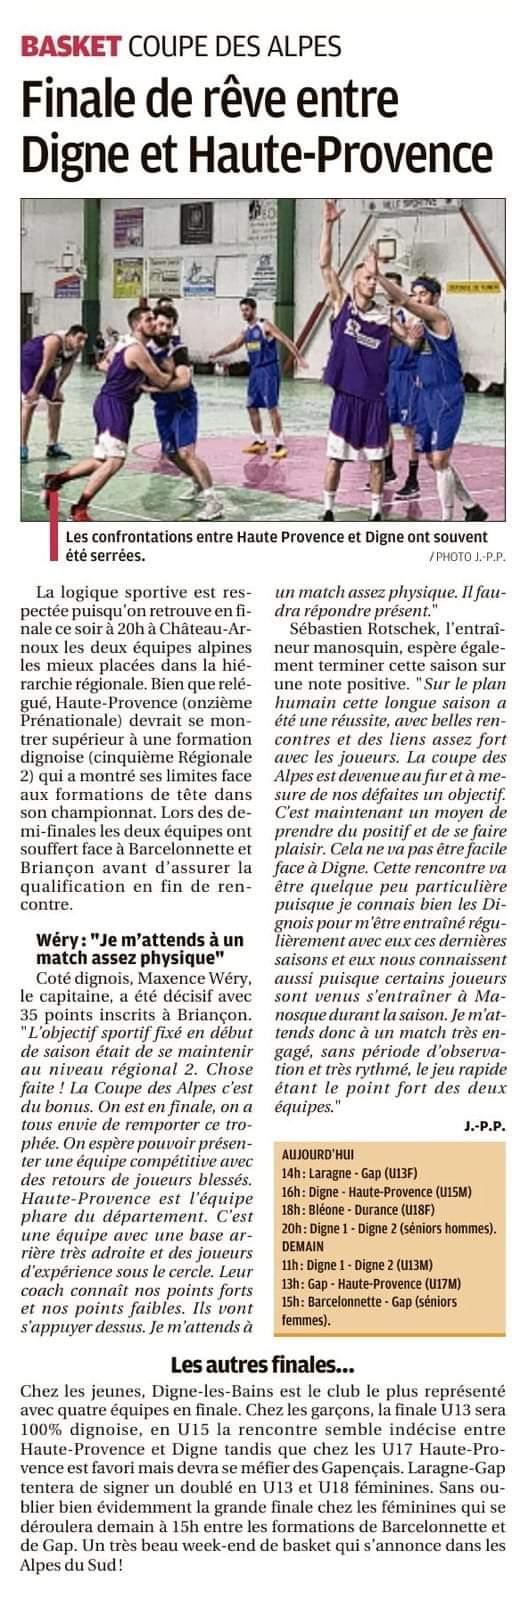 Finale de rêve entre Digne et Haute-Provence